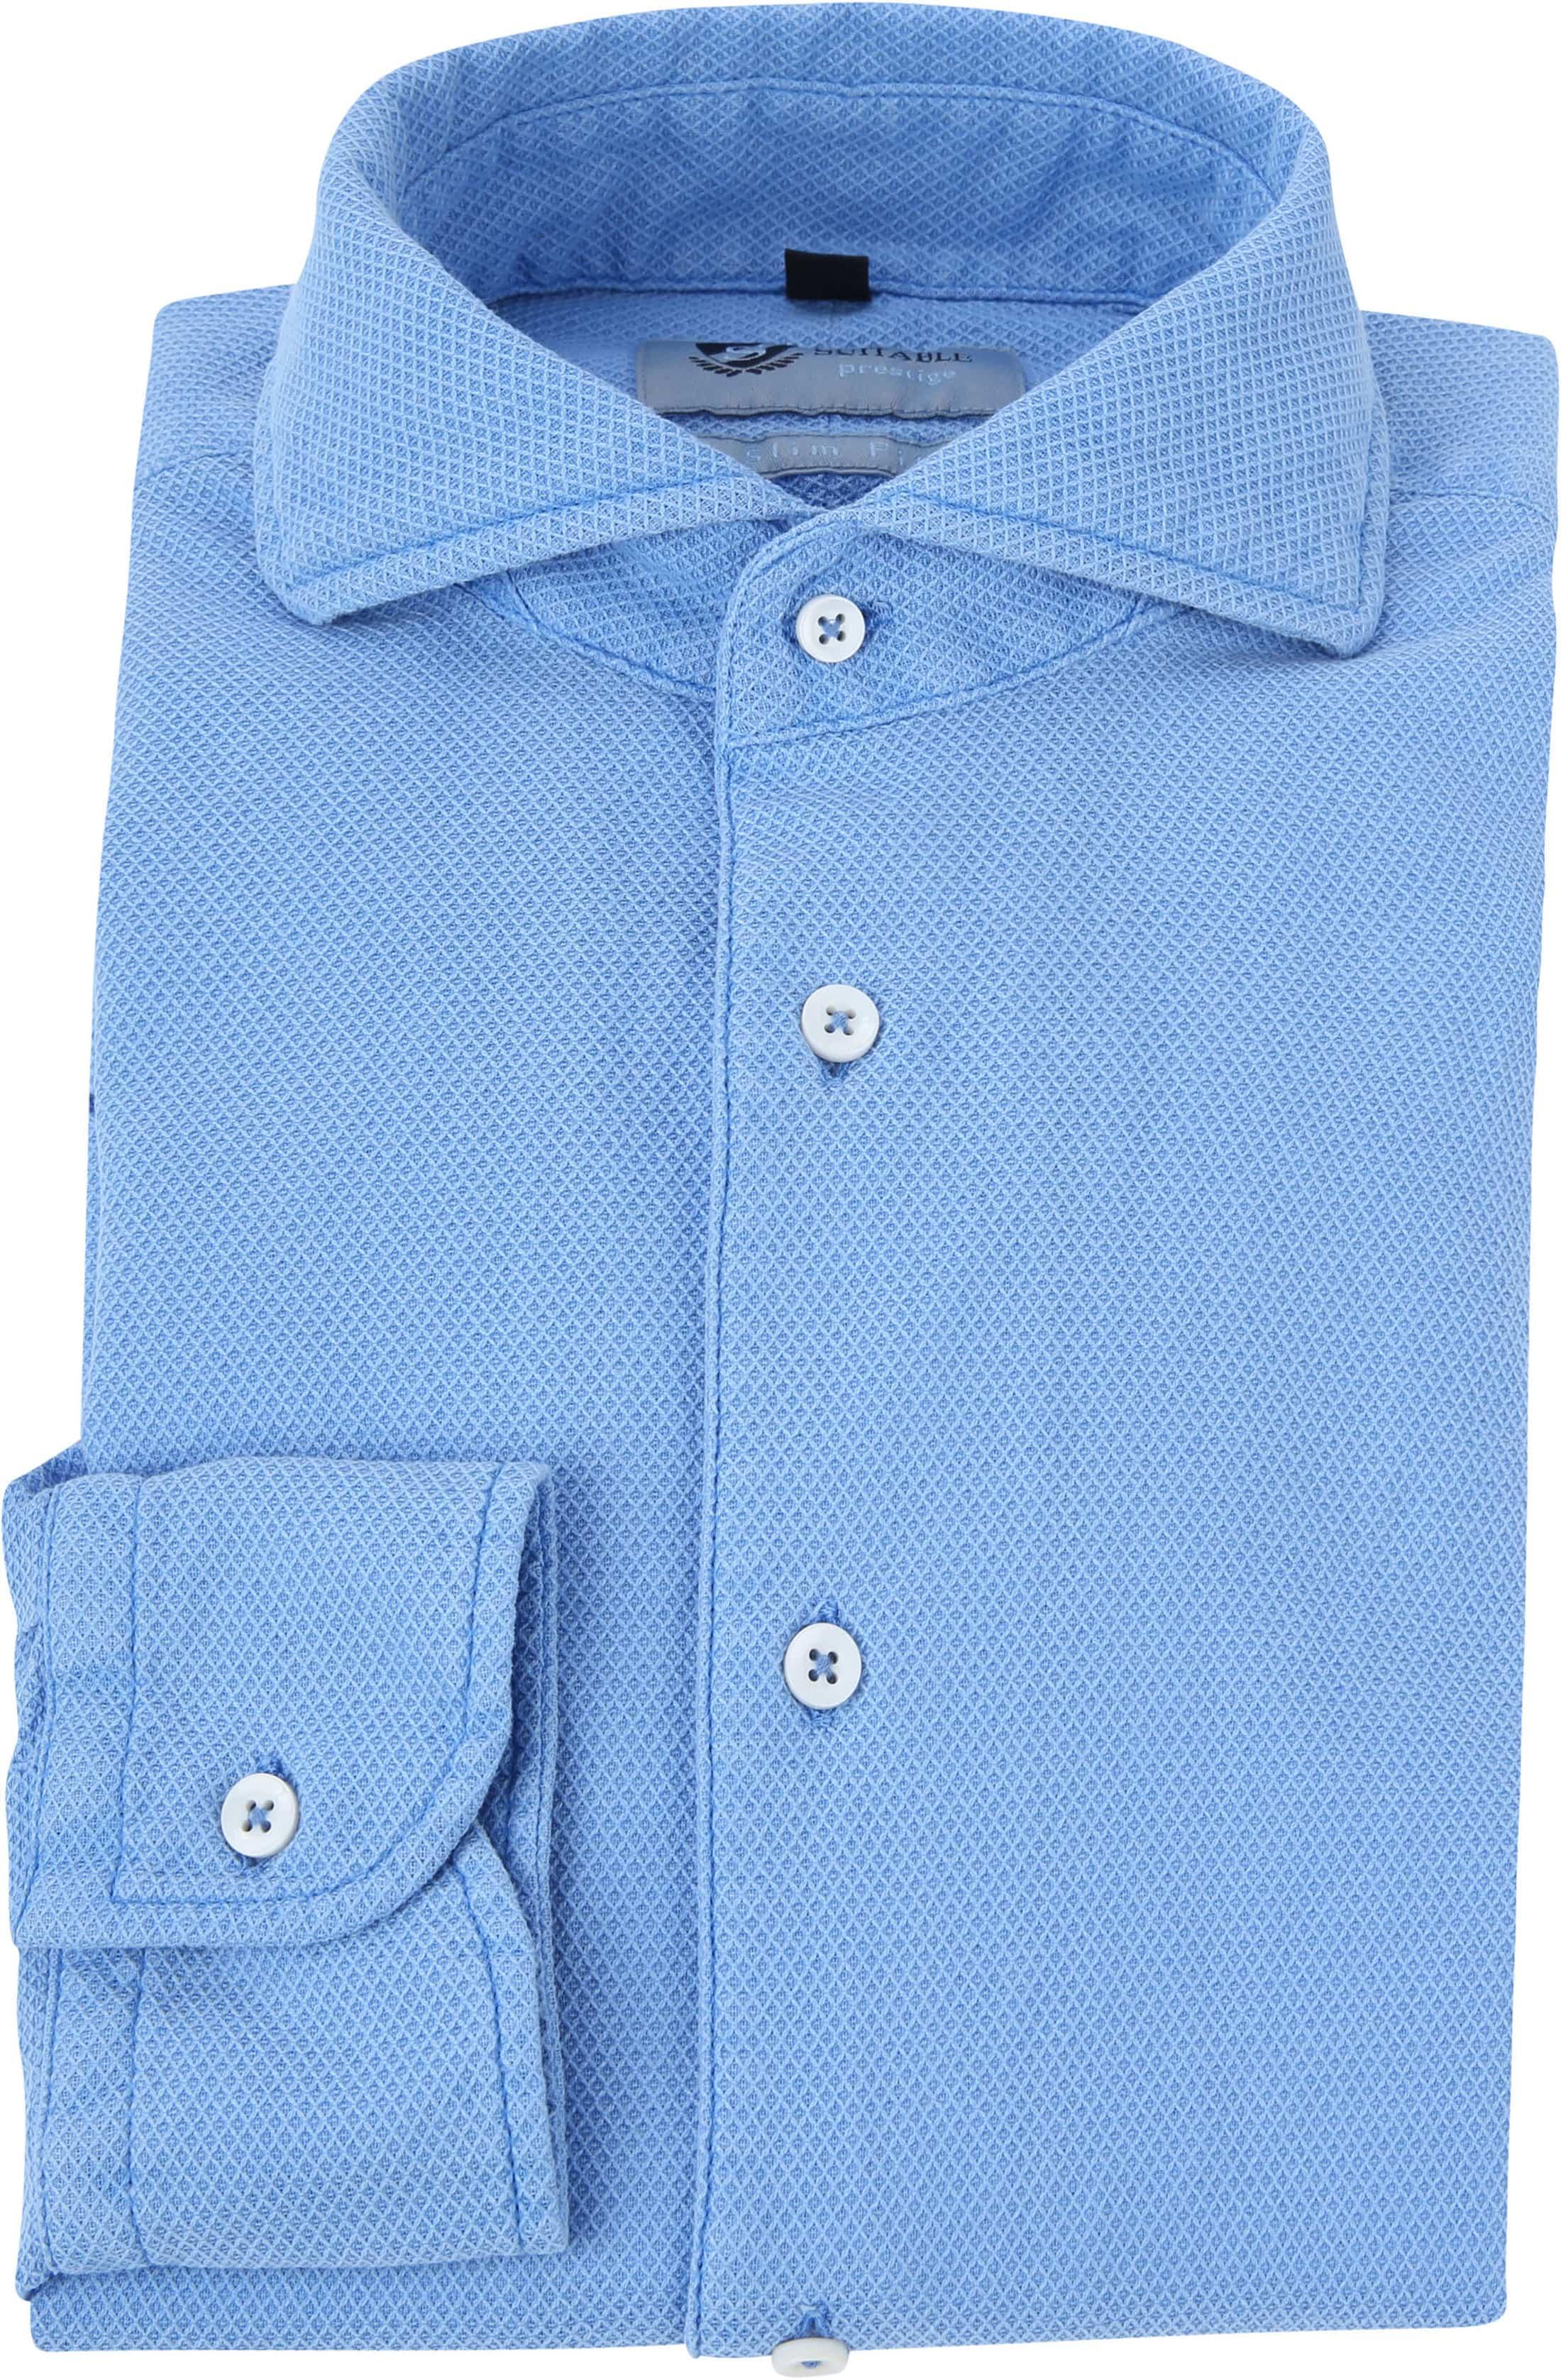 Suitable Prestige Overhemd Lichtblauw foto 2